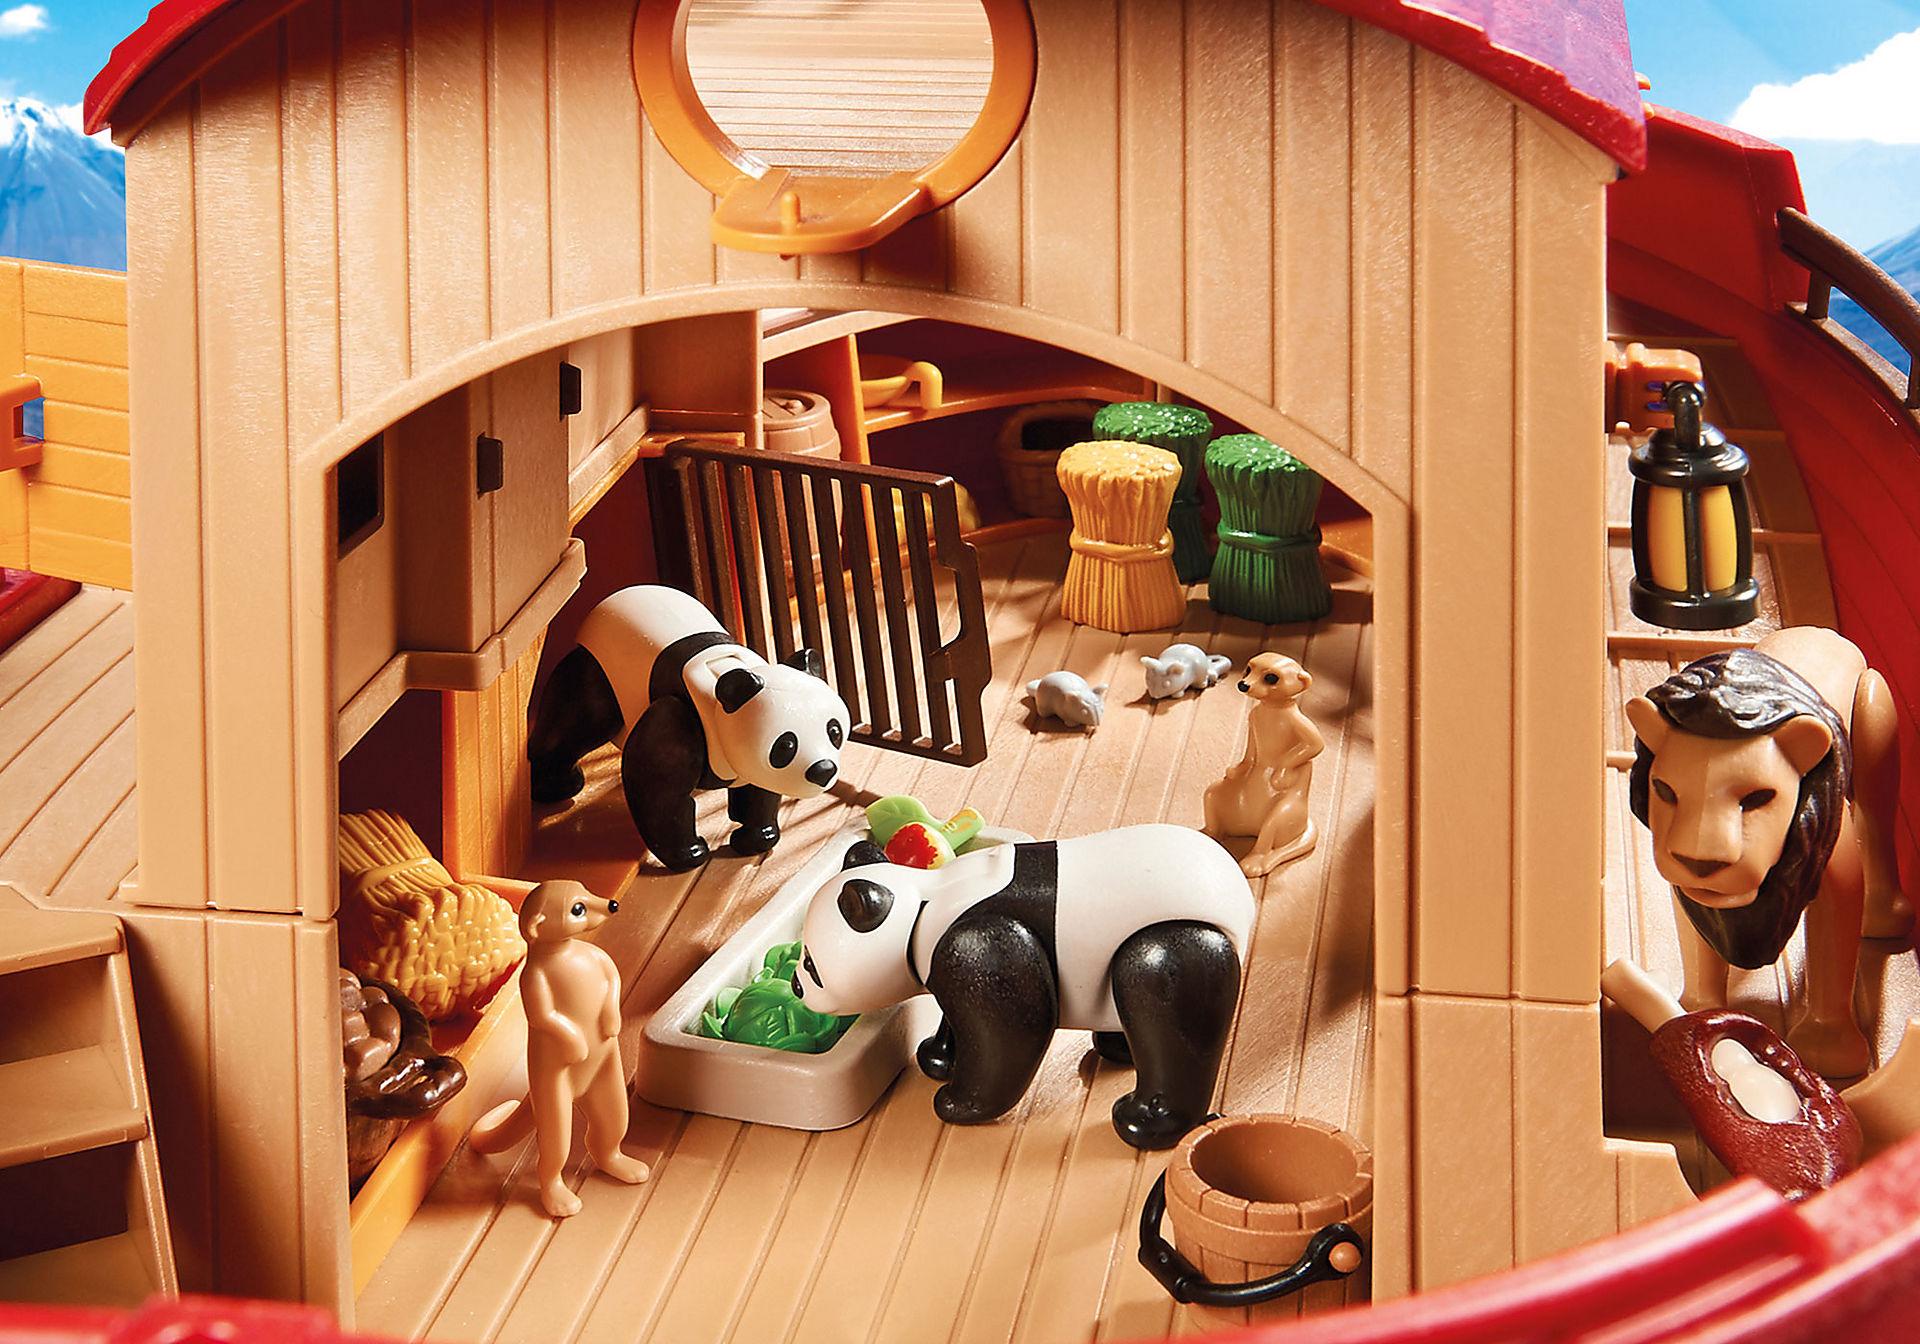 http://media.playmobil.com/i/playmobil/9373_product_extra3/Arca de Noé